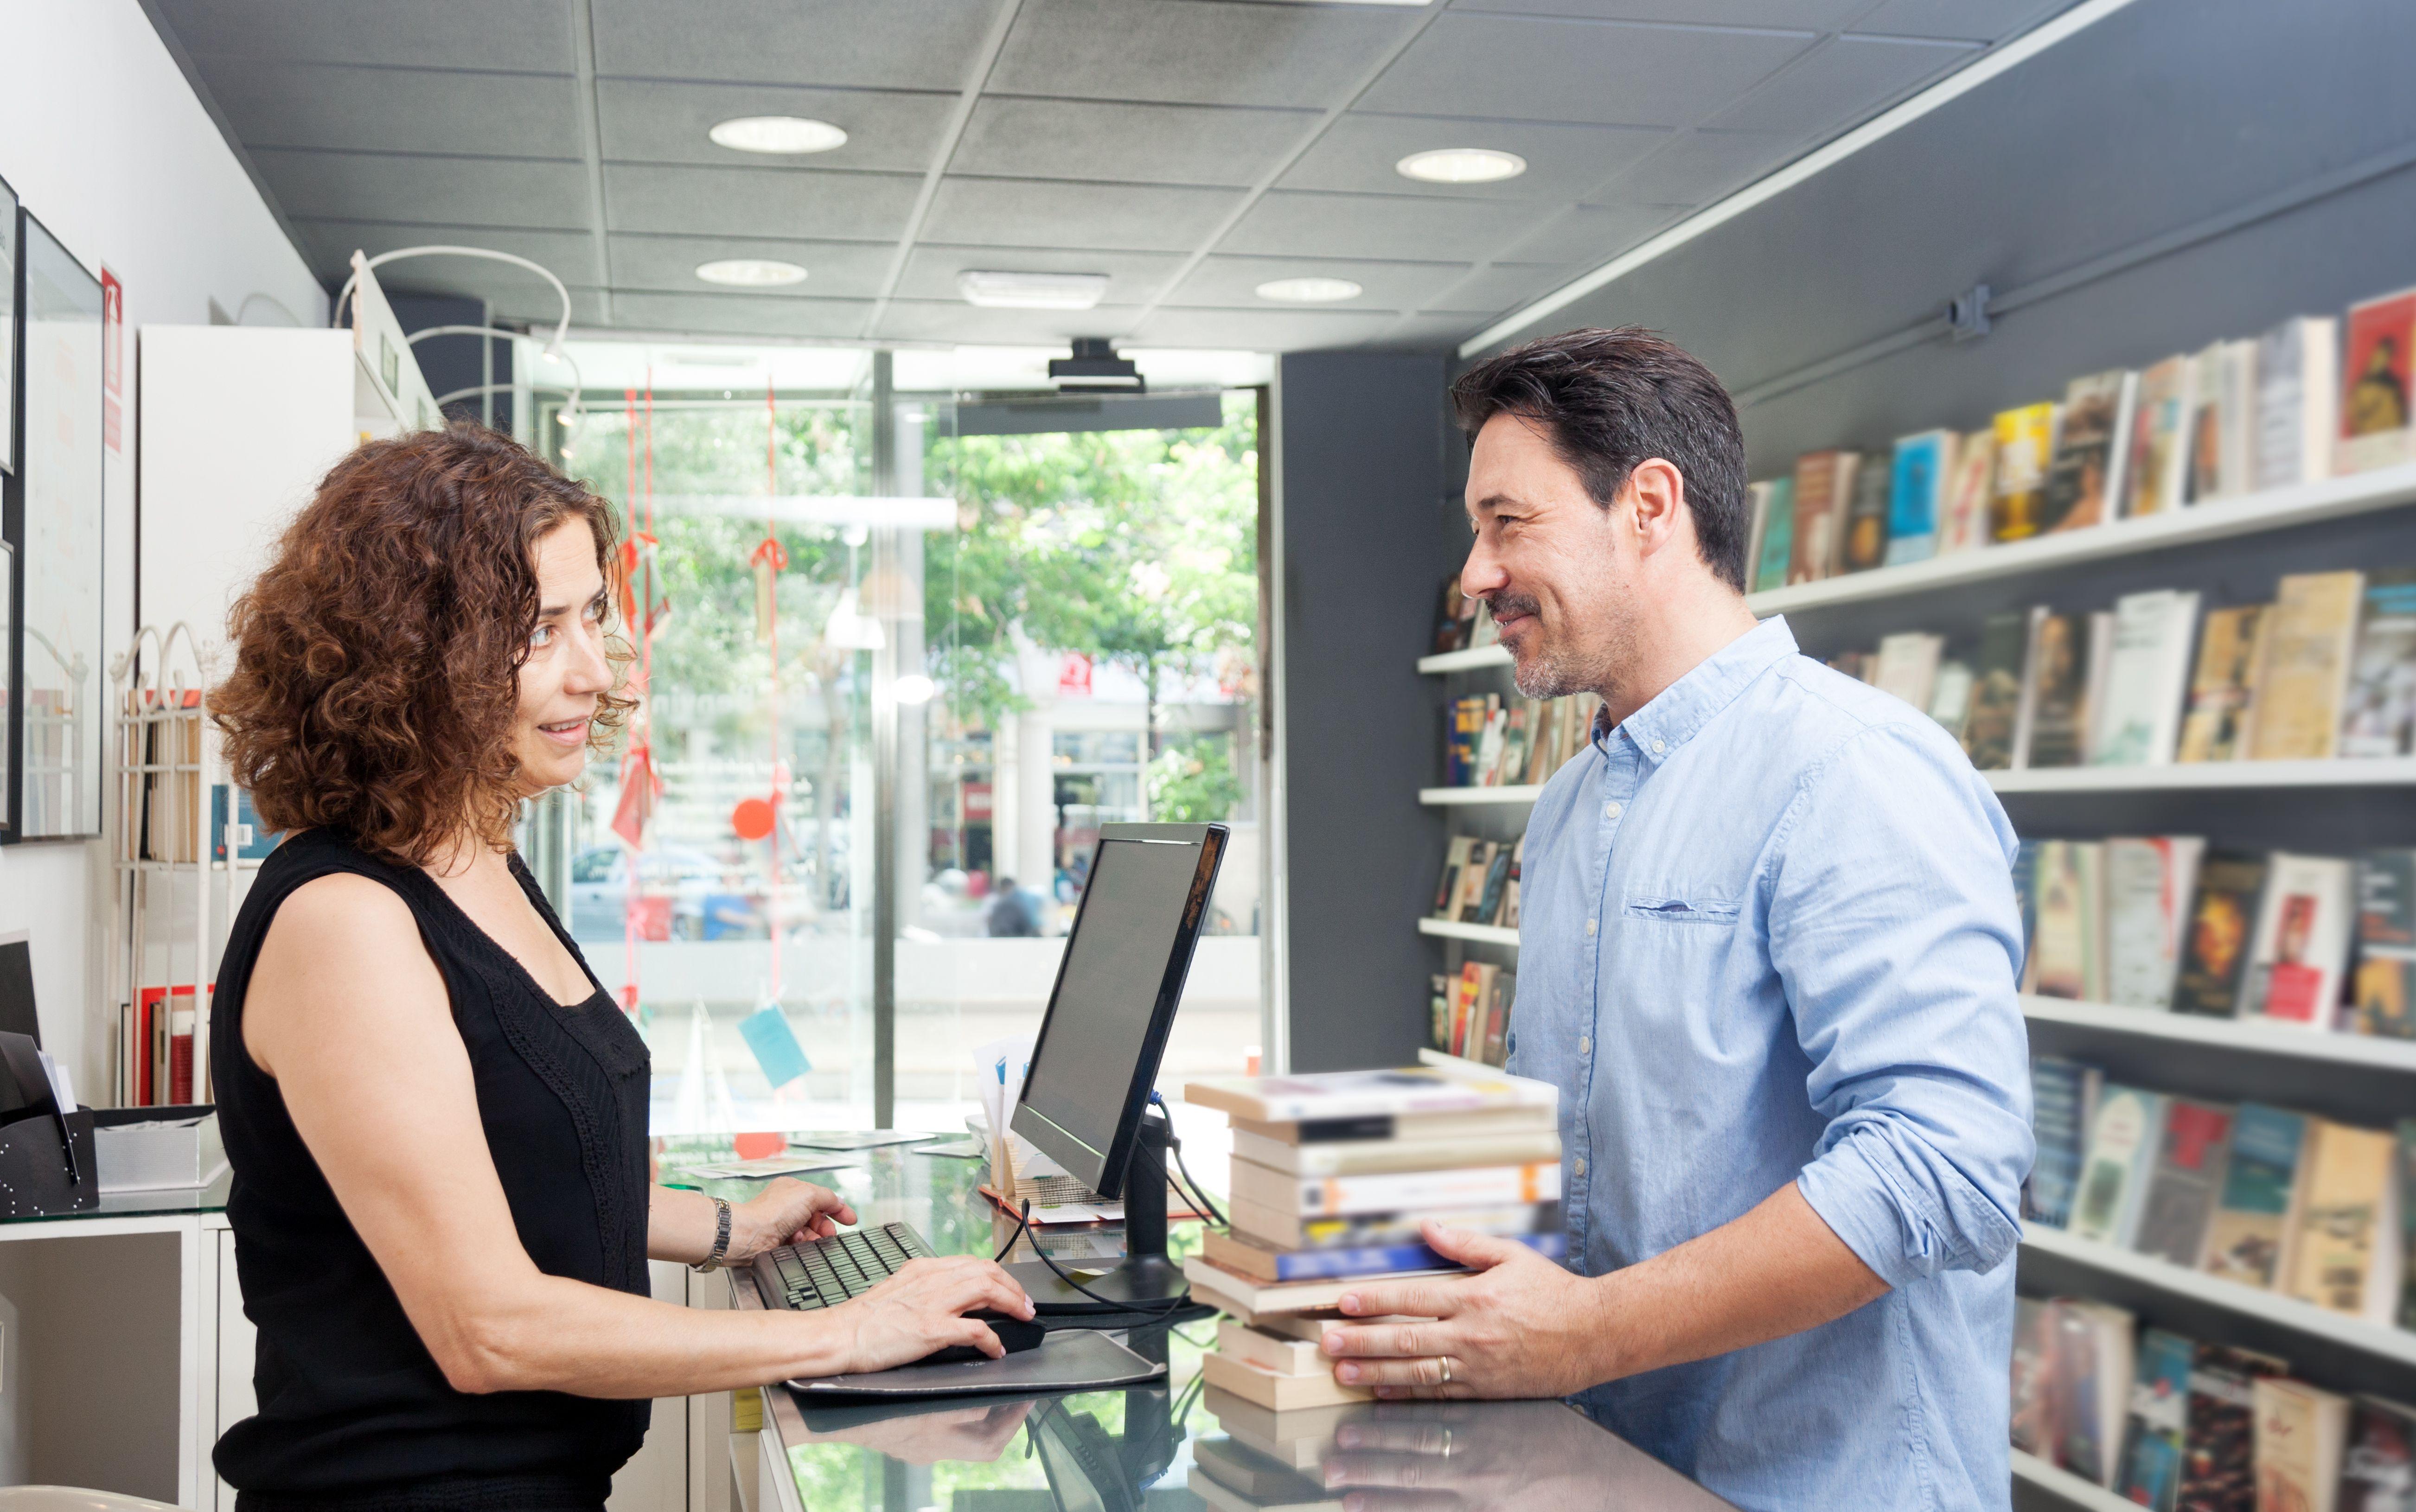 Encuentra en tu librería favorita un libro de Rafael Umpiérrez